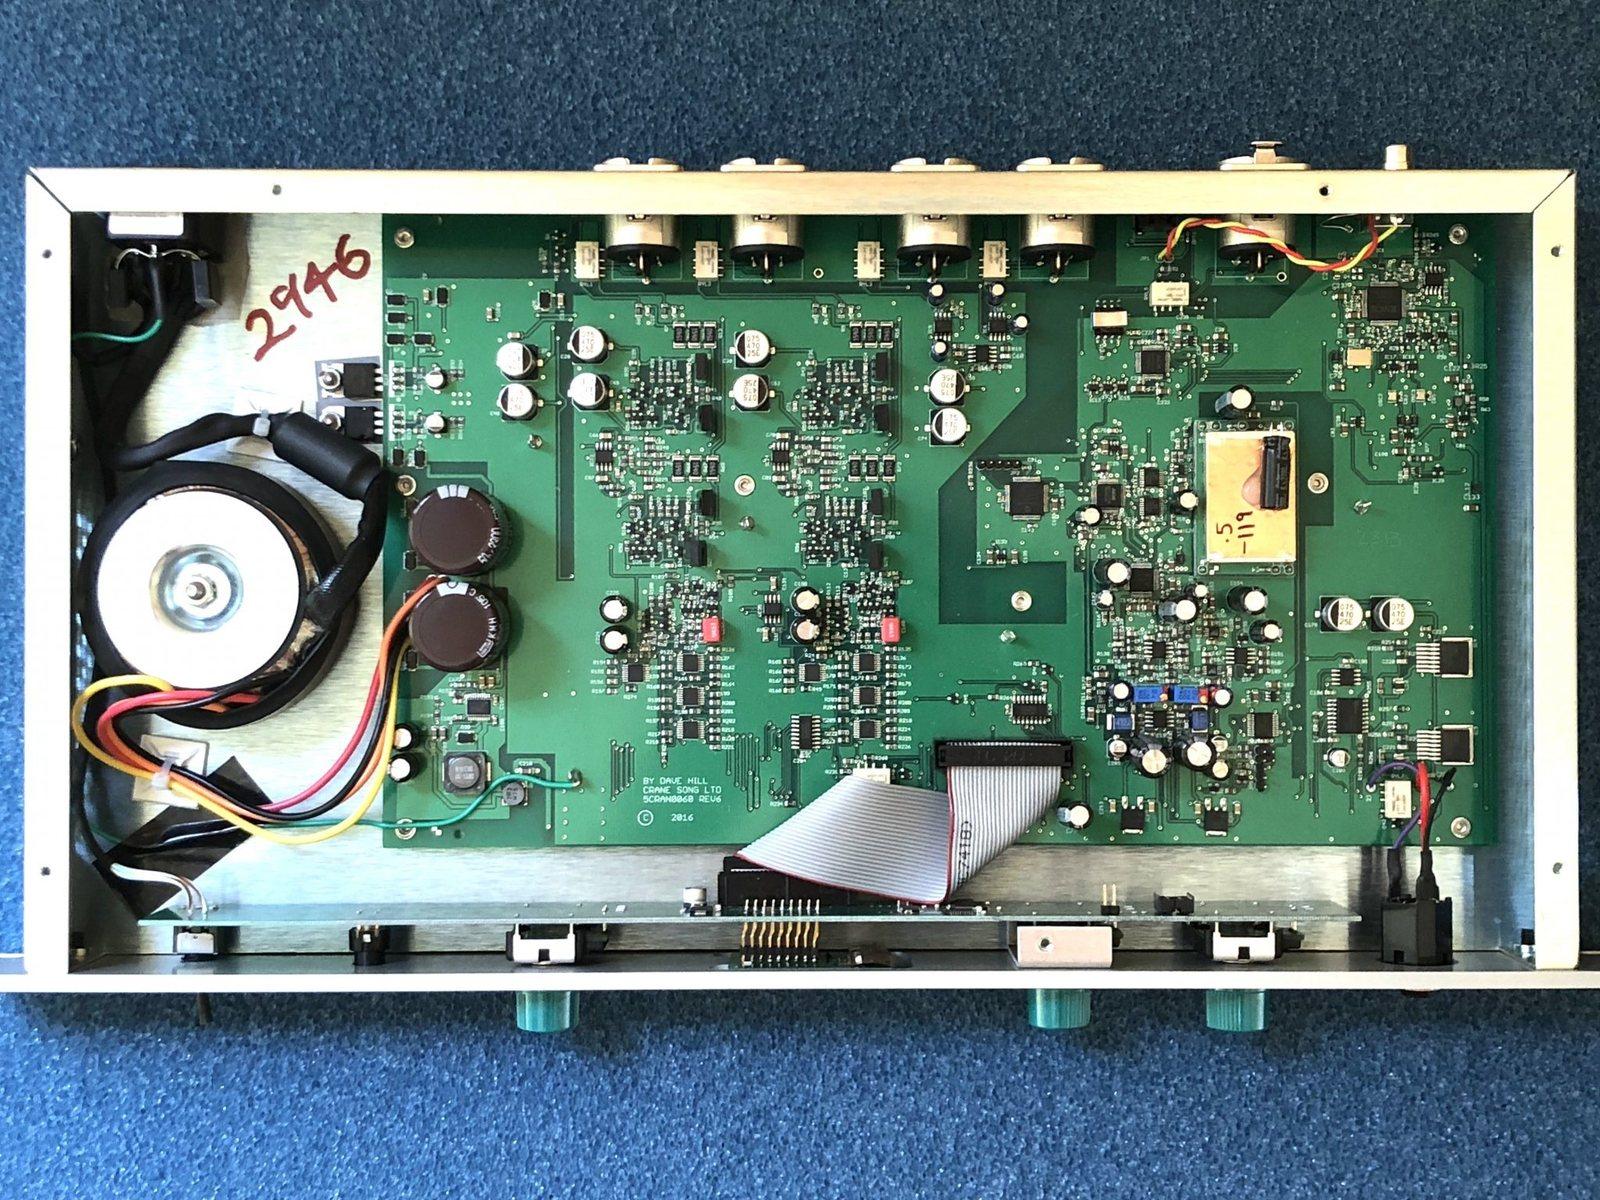 340FC9E3-6CE4-4DCC-B207-83B98F91D4FE.thumb.jpeg.6da9cb9f2c56cc934fbbe8b411aa0875.jpeg